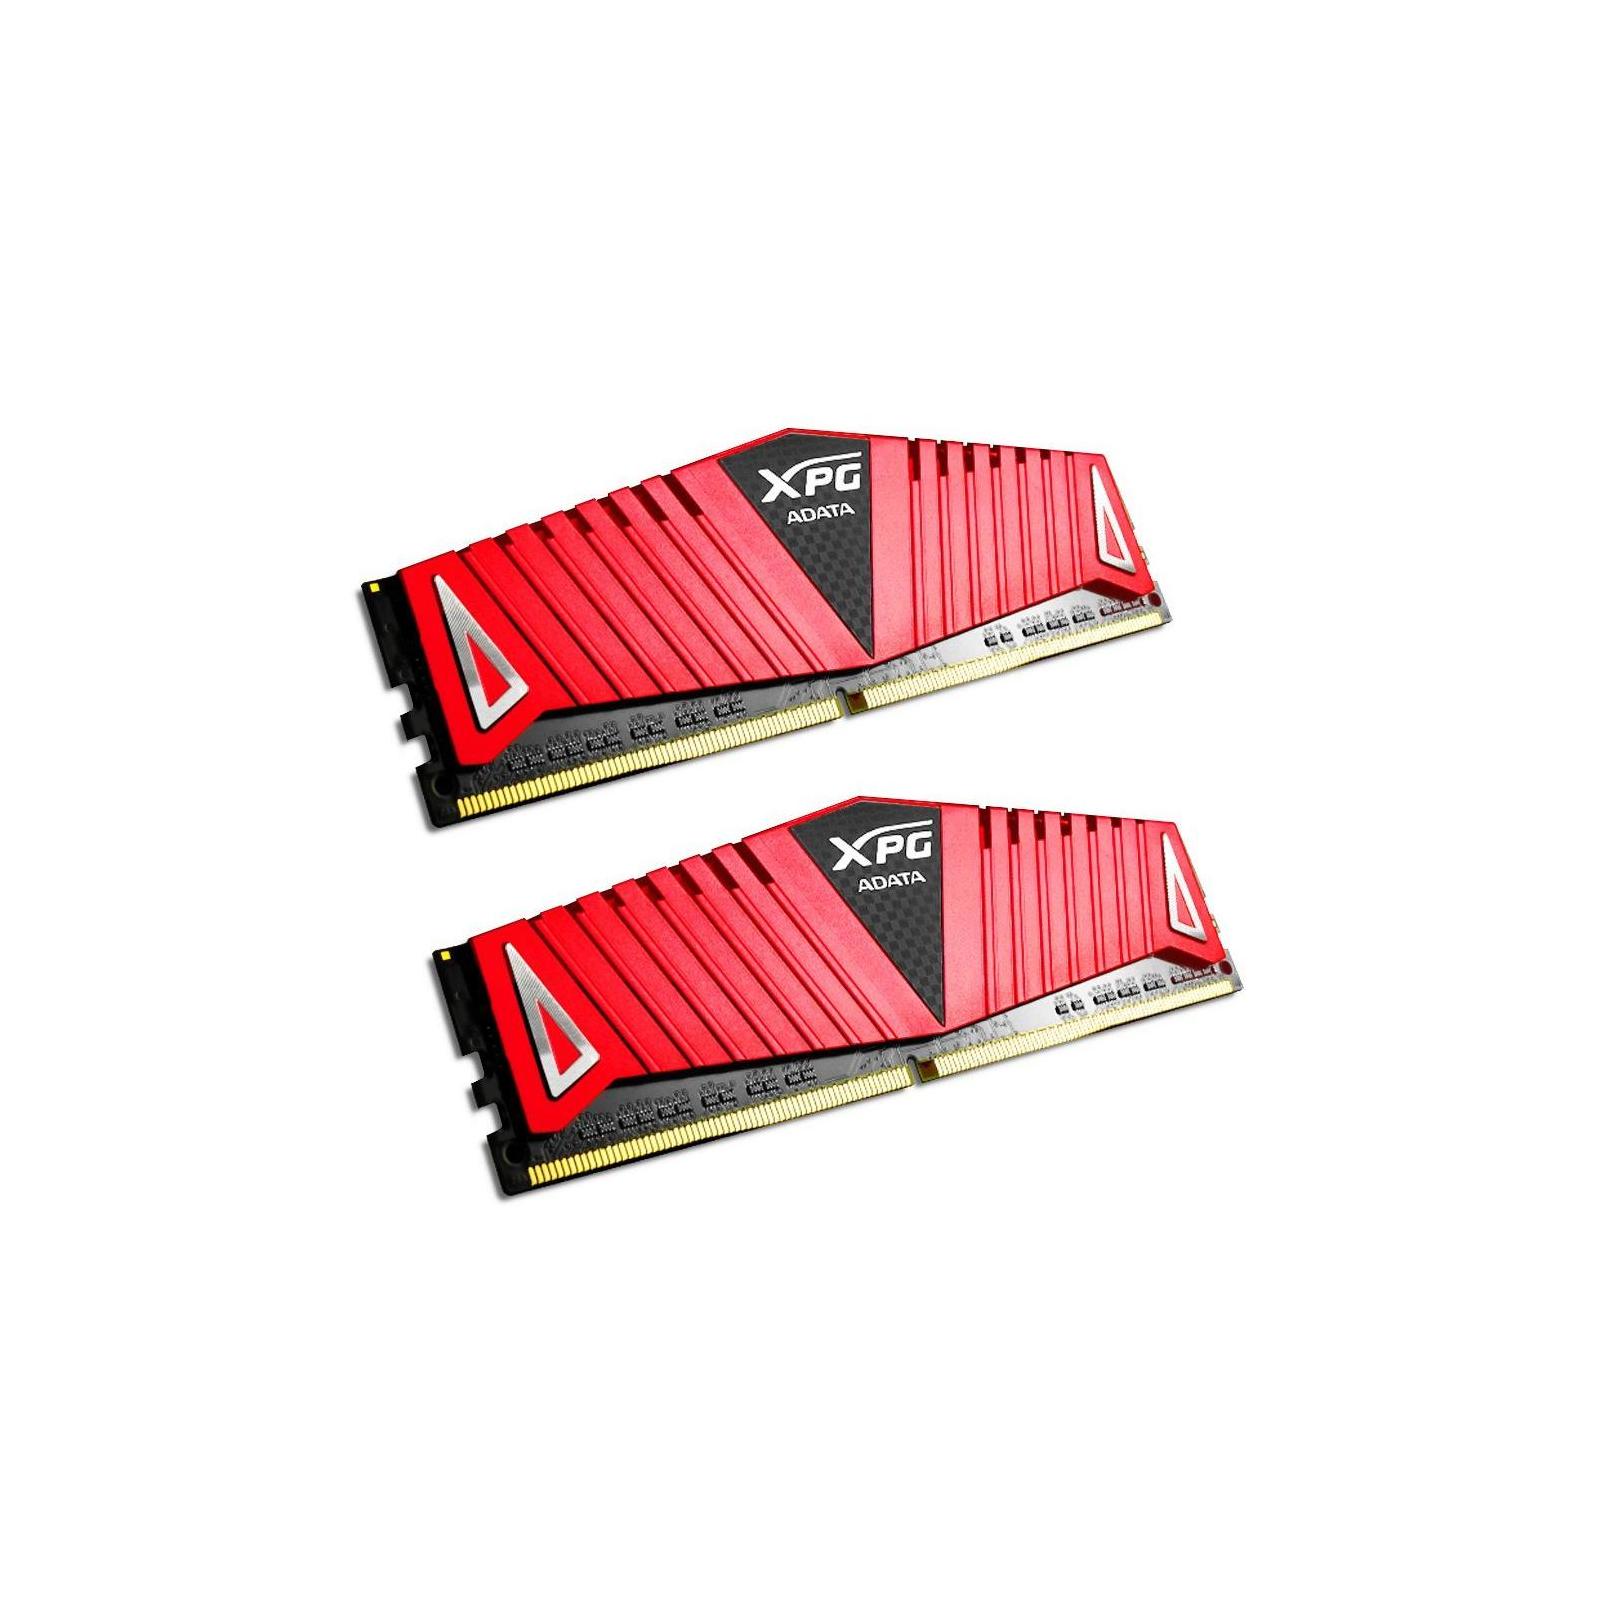 Модуль памяти для компьютера DDR4 8GB (2x4GB) 2666 MHz XPG Z1 Red ADATA (AX4U2666W4G16-DRZ) изображение 2